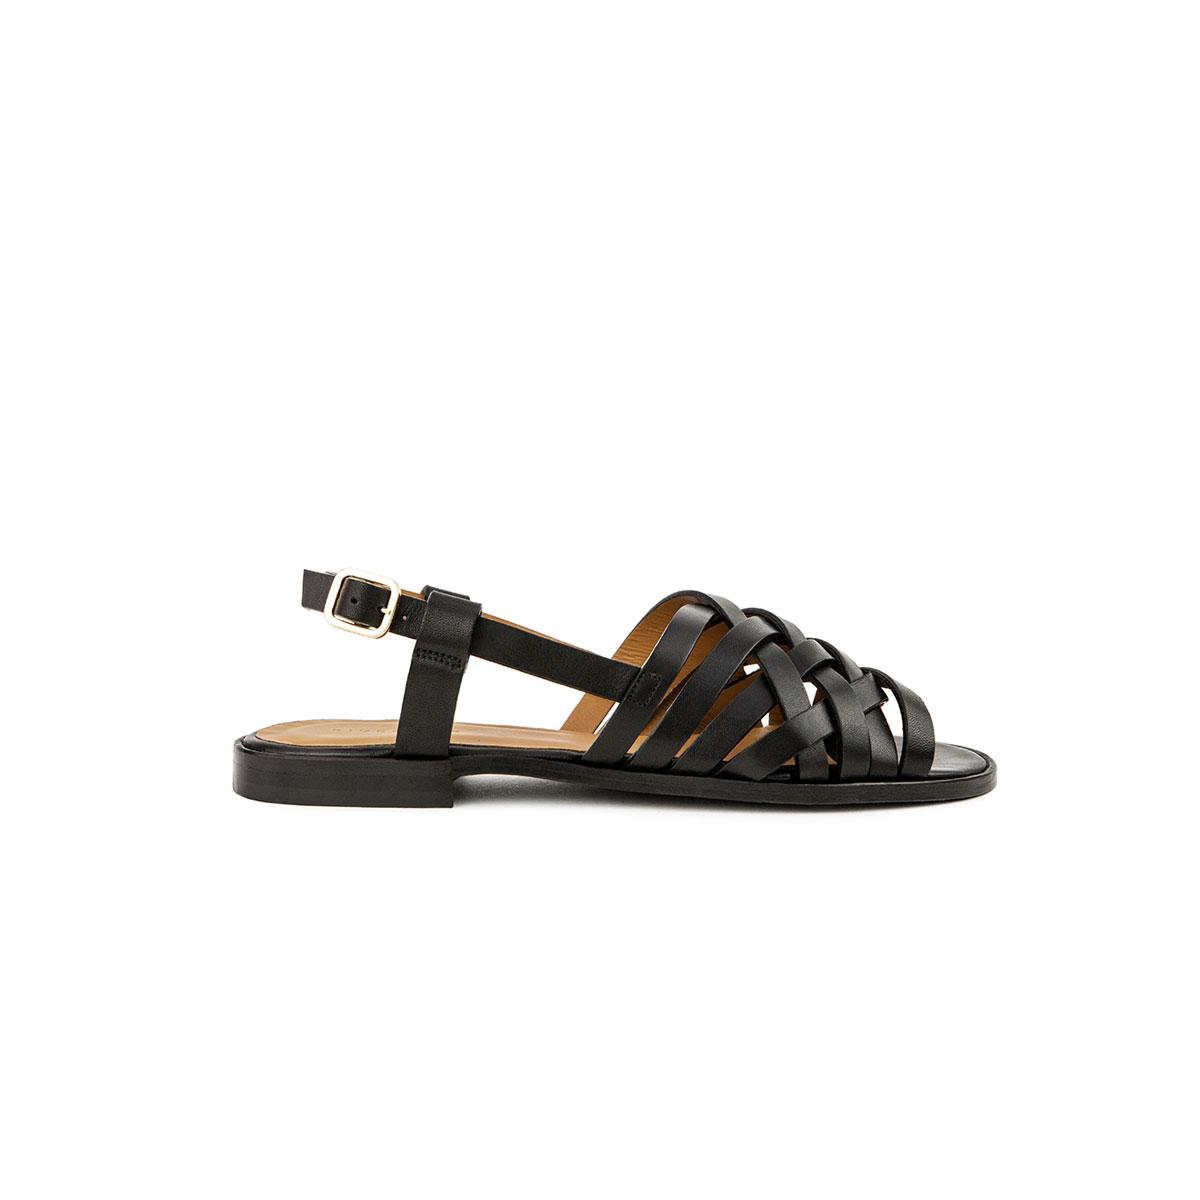 Sandales N°63 noir